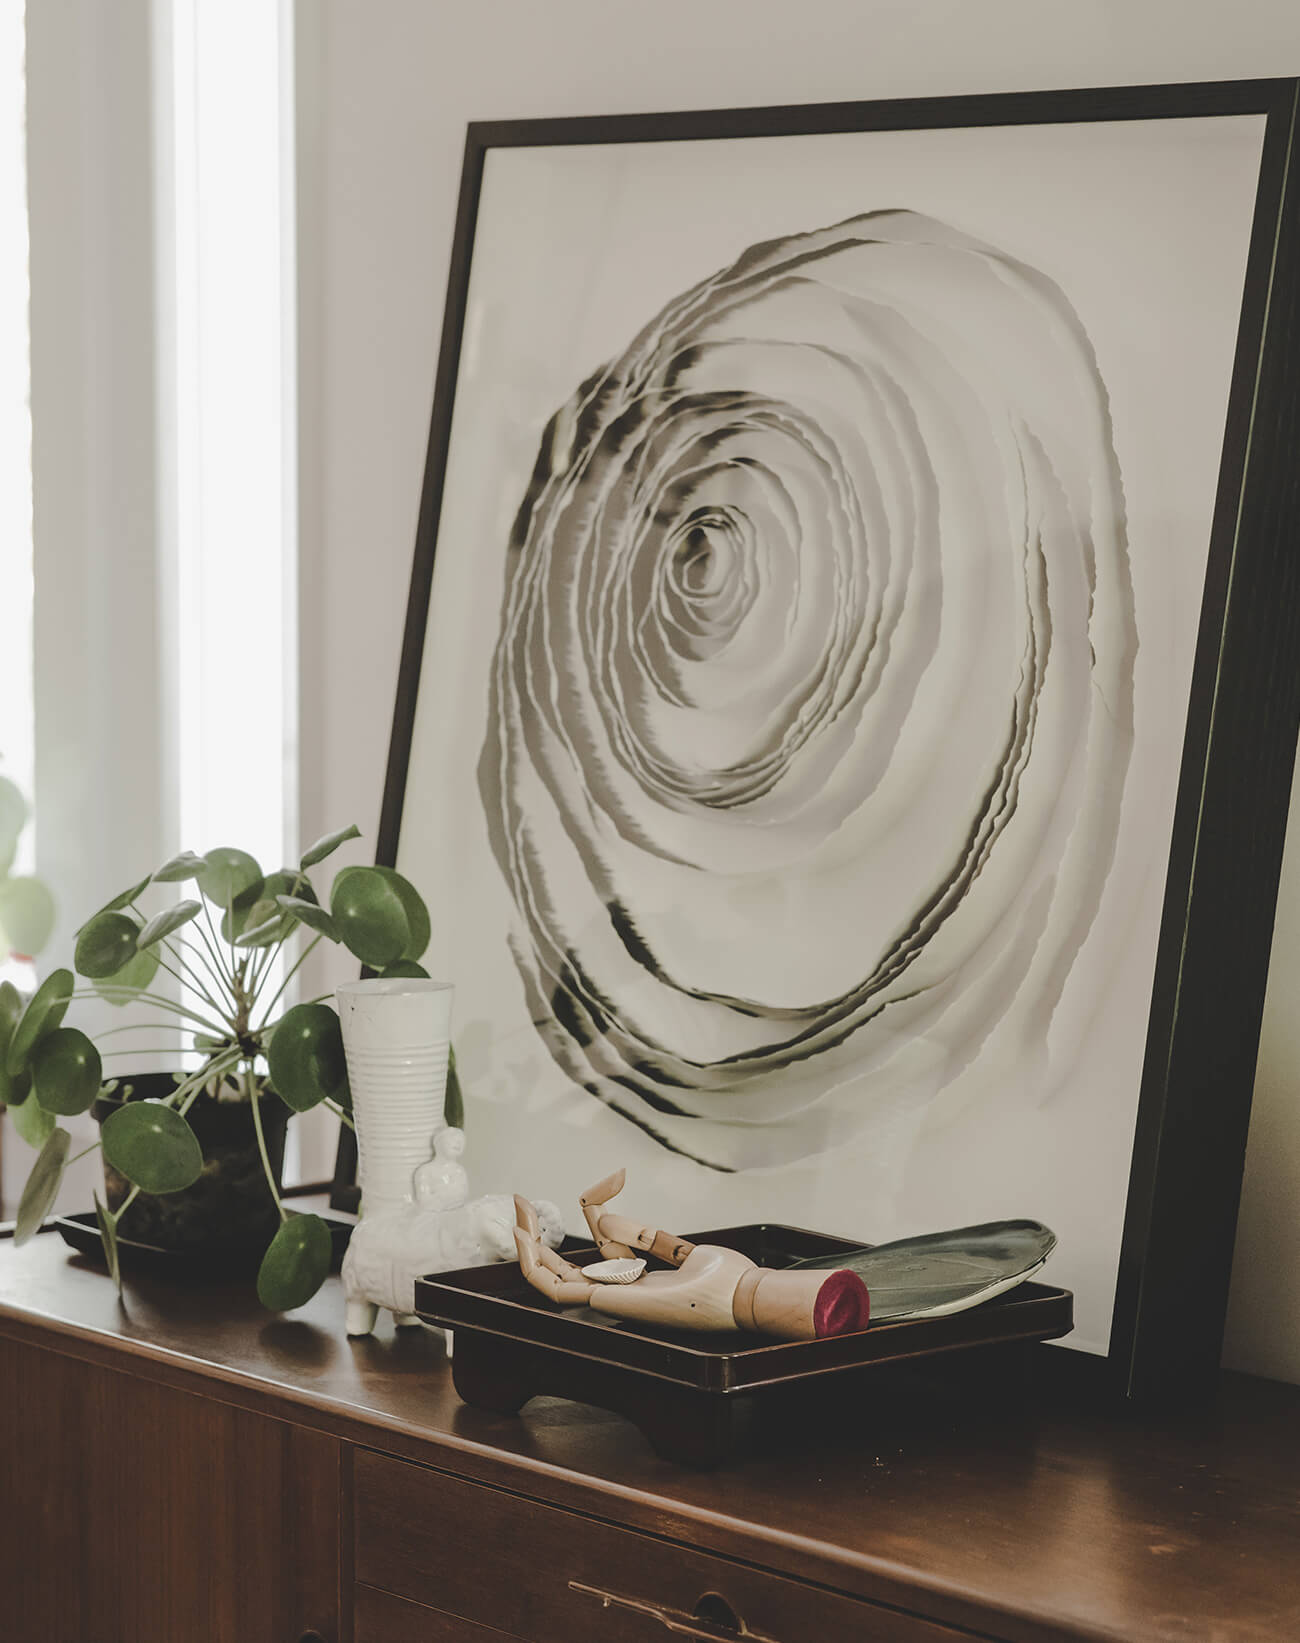 Edge Paper Spiral by Deborah Moss/Moss & Lam.